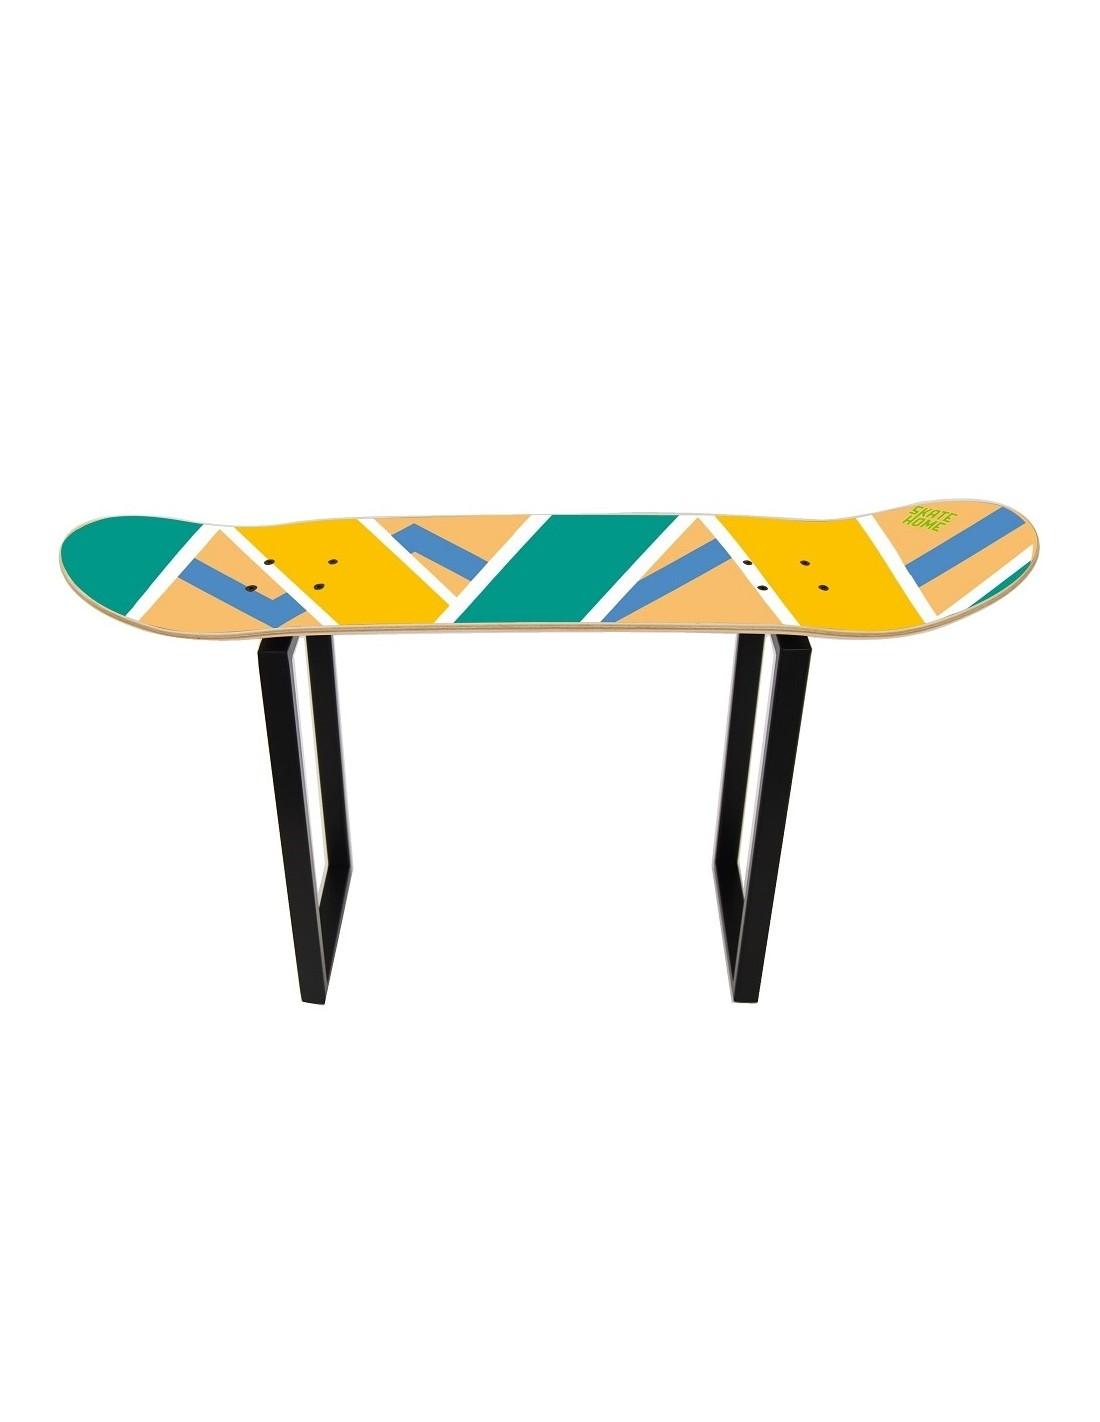 Bench of Skate Olliepops Skateboard furniture for sport ...